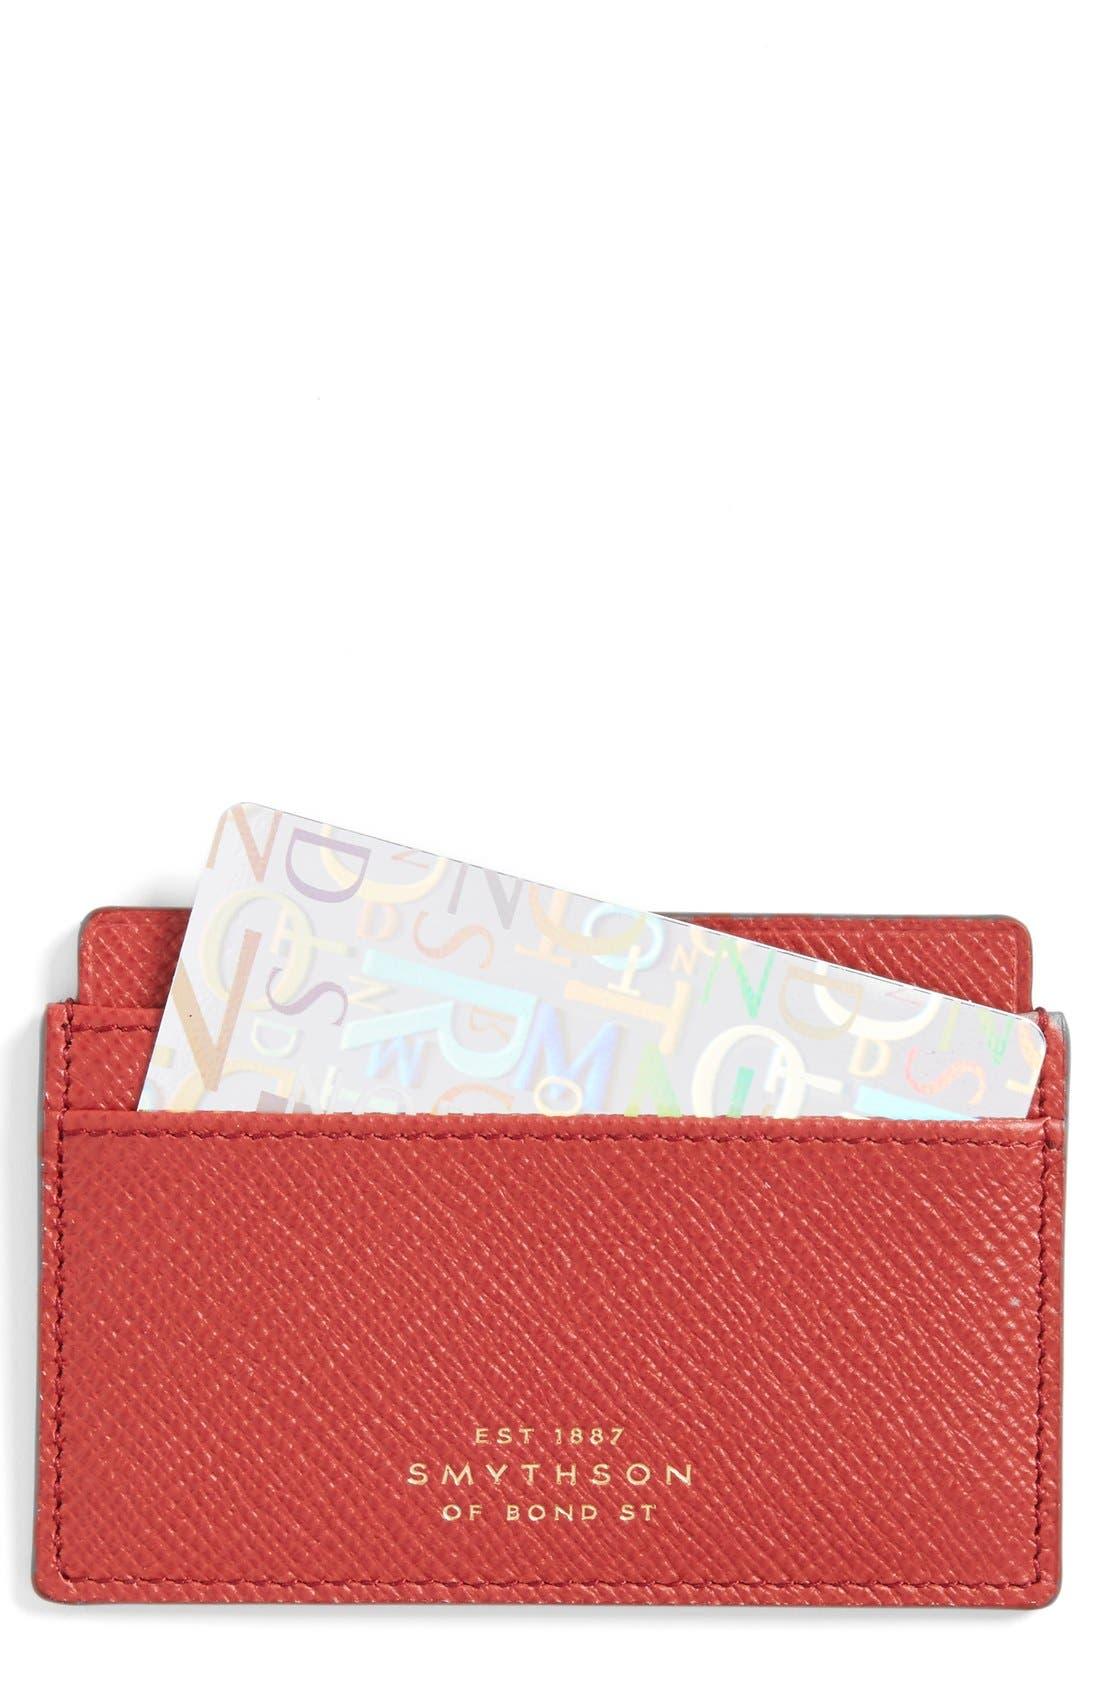 Main Image - Smythson 'Panama' Leather Card Case